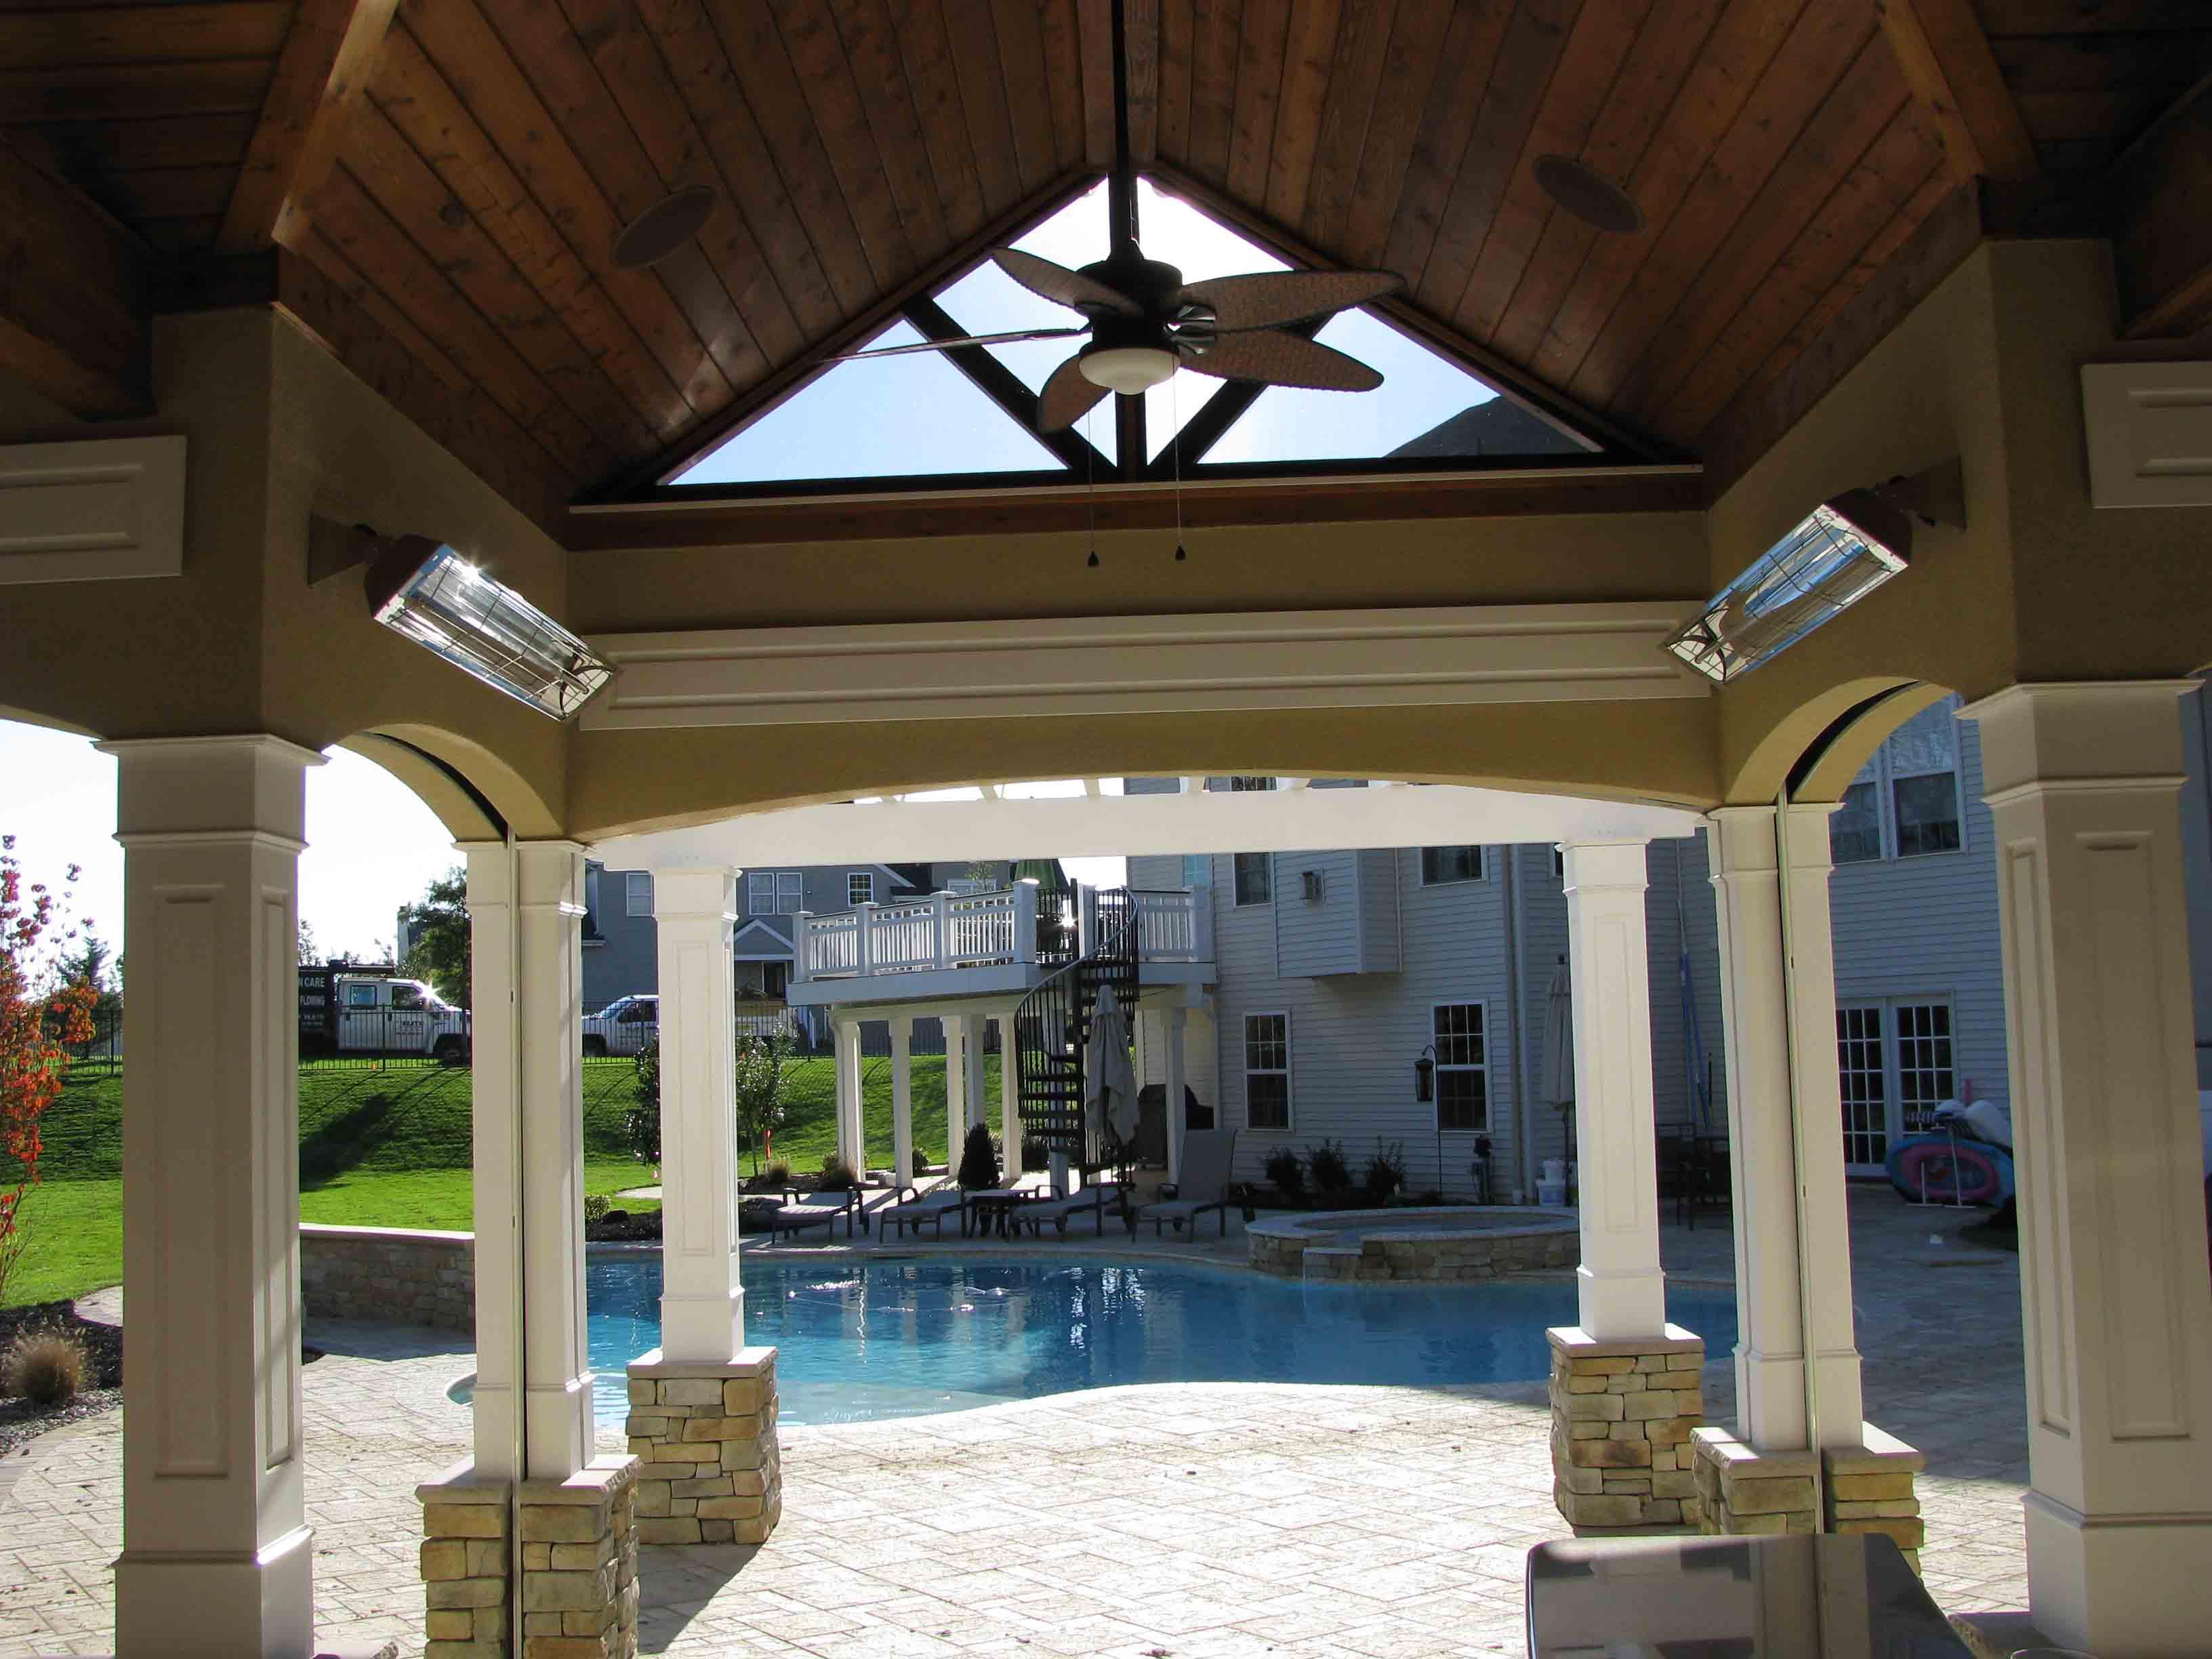 miller-pool-pavilion-17